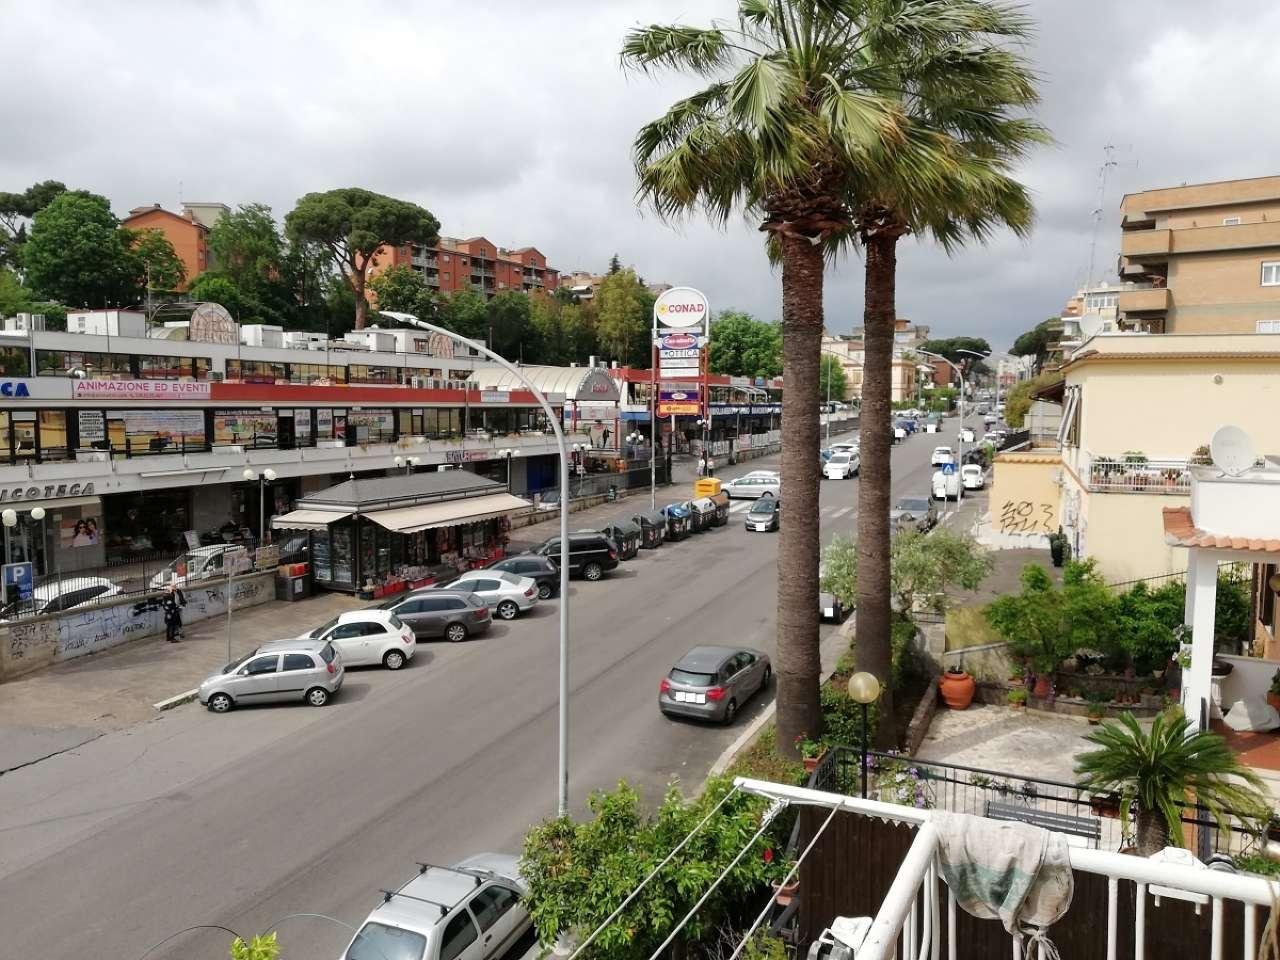 Monolocale in affitto a Roma in Via Della Pisana, 279